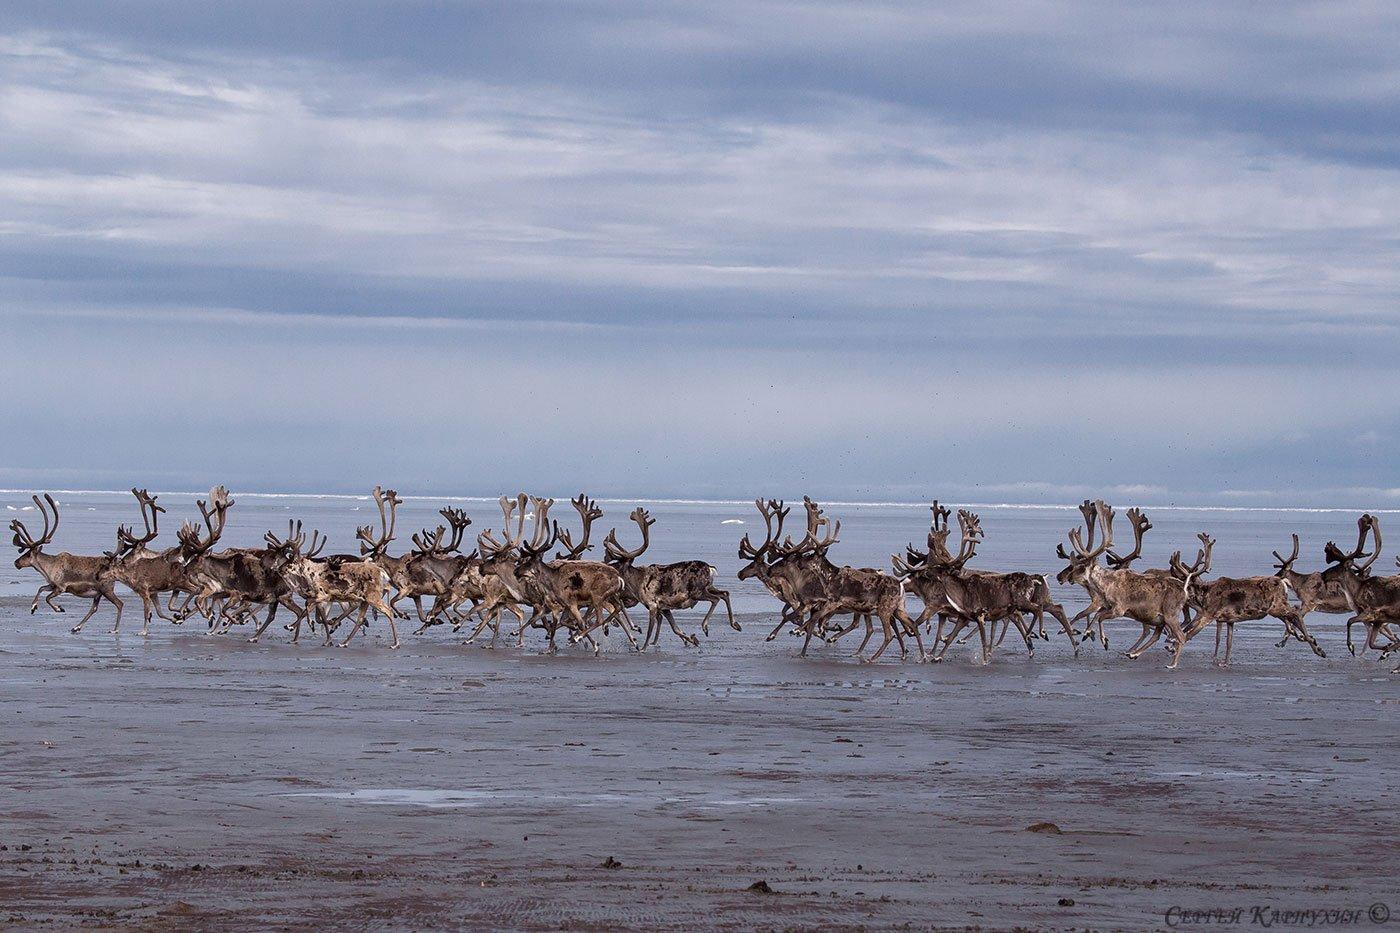 море лаптевых, олени, Сергей Карпухин